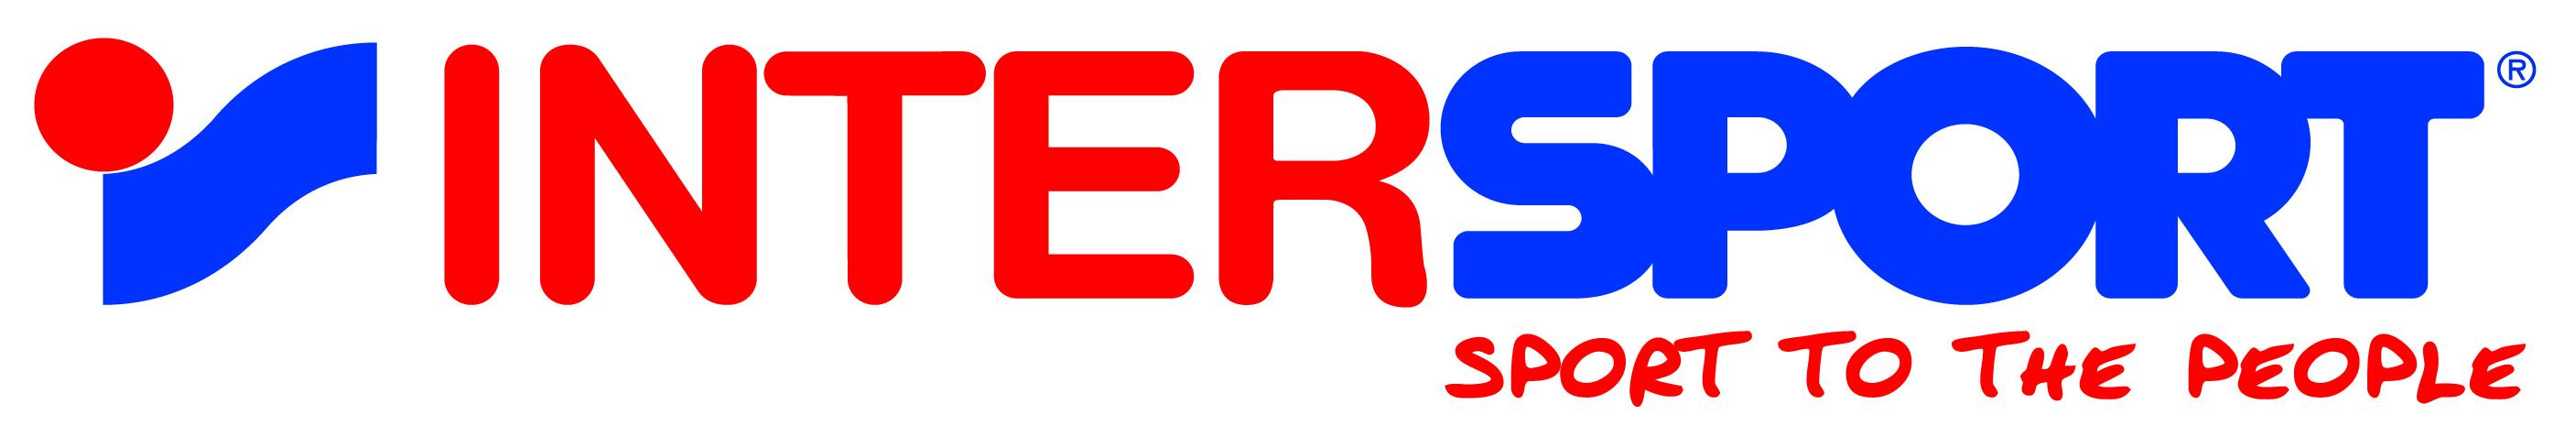 1ea25-intersport_logo.jpg Team Promotion Clients